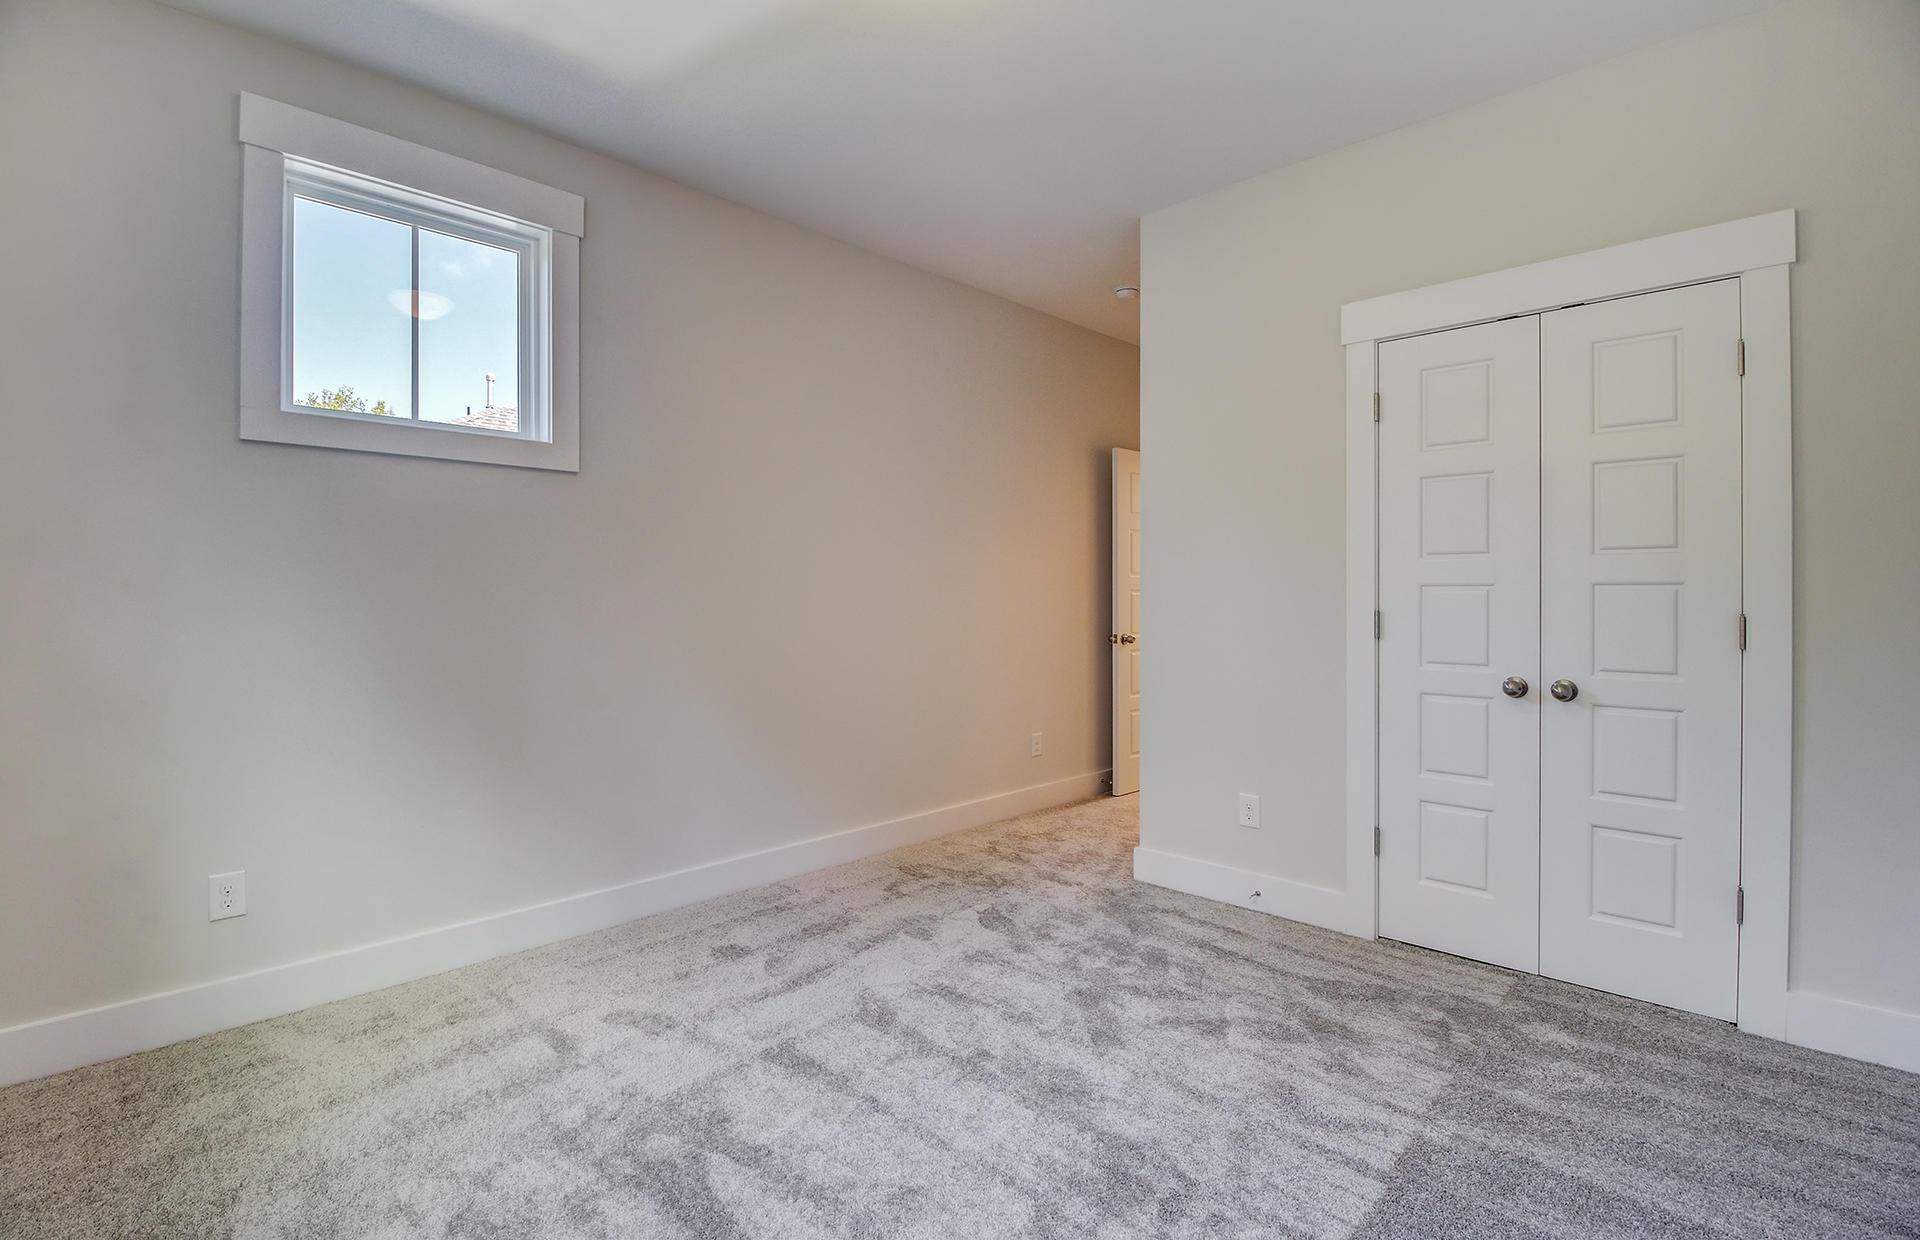 Fulton Park Homes For Sale - 2441 Giles, Mount Pleasant, SC - 19